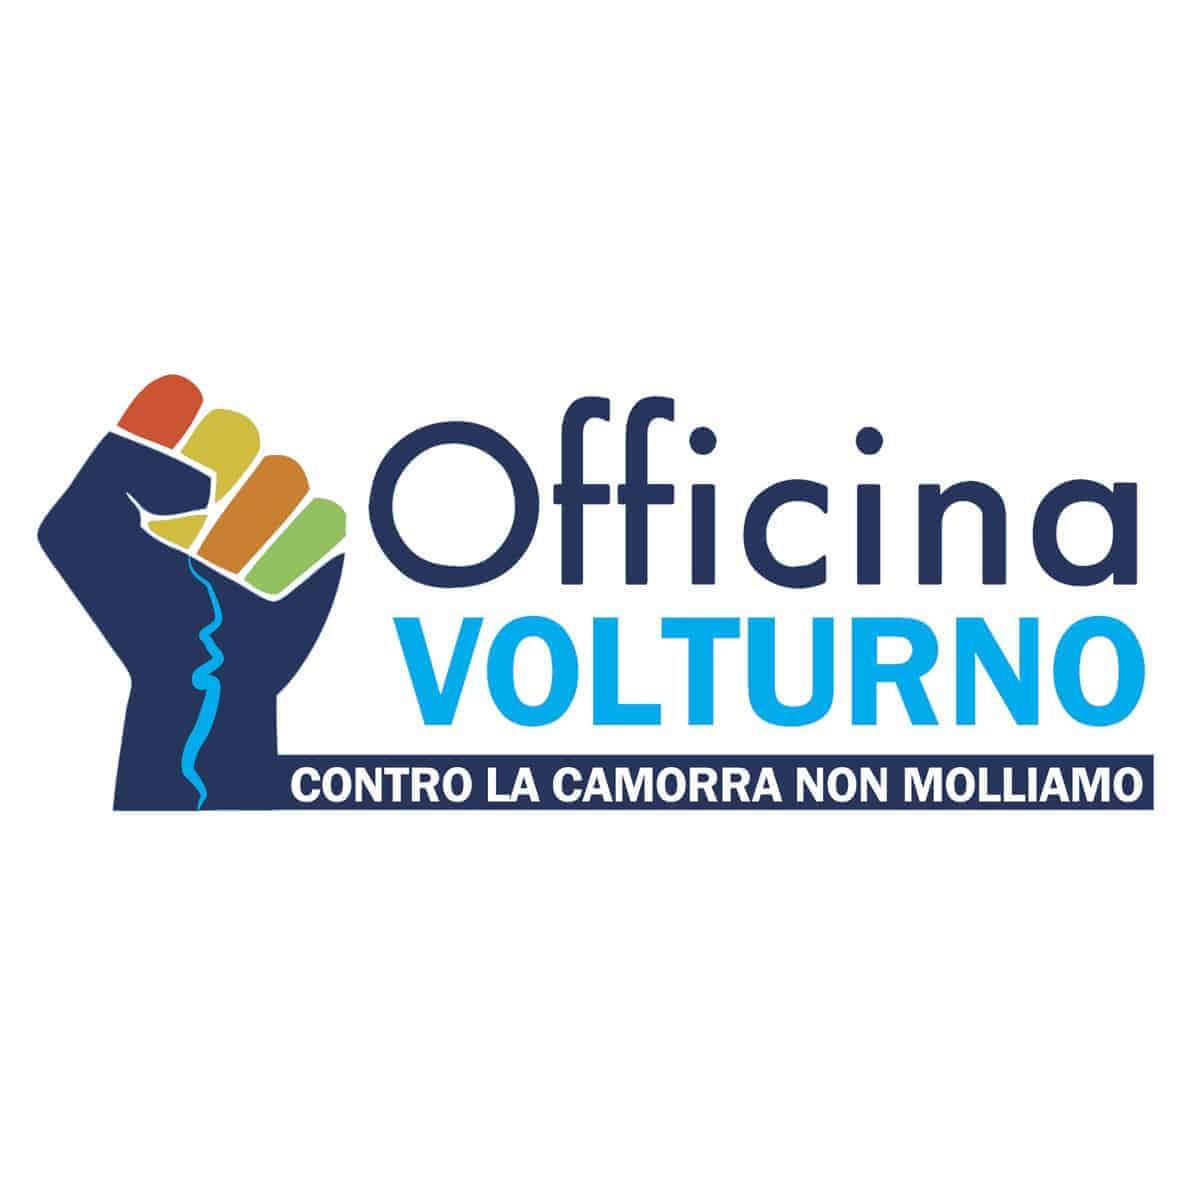 Associazione-Centro-Studi-Officina-Volturno-Informareonline